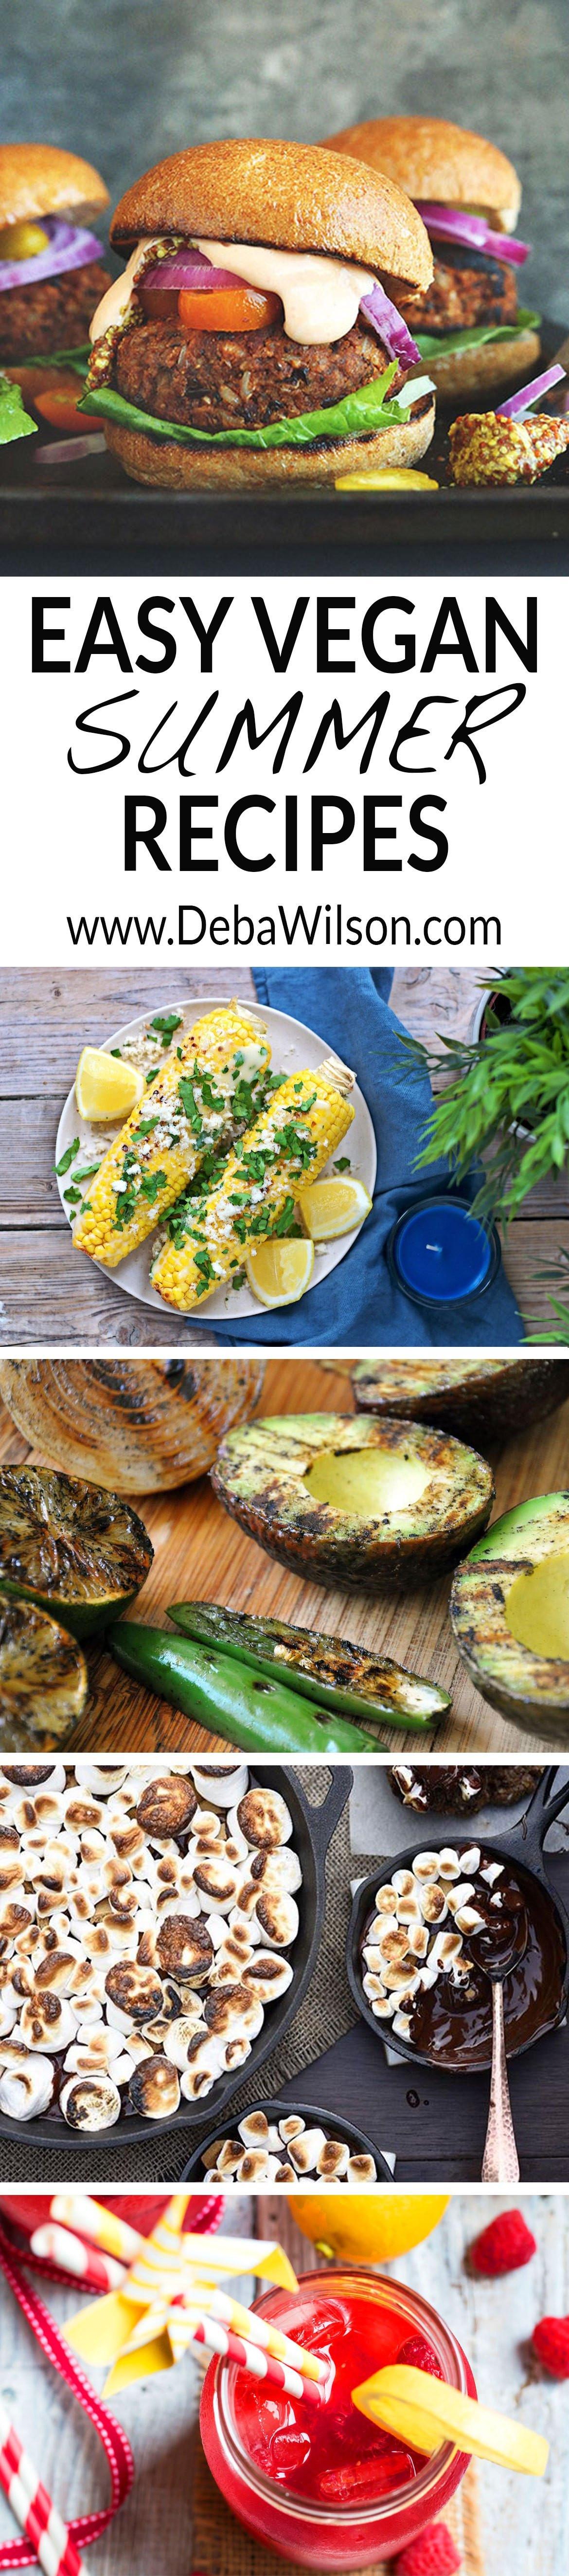 Easy Vegan Summer Recipes  Easy Vegan Summer Recipes